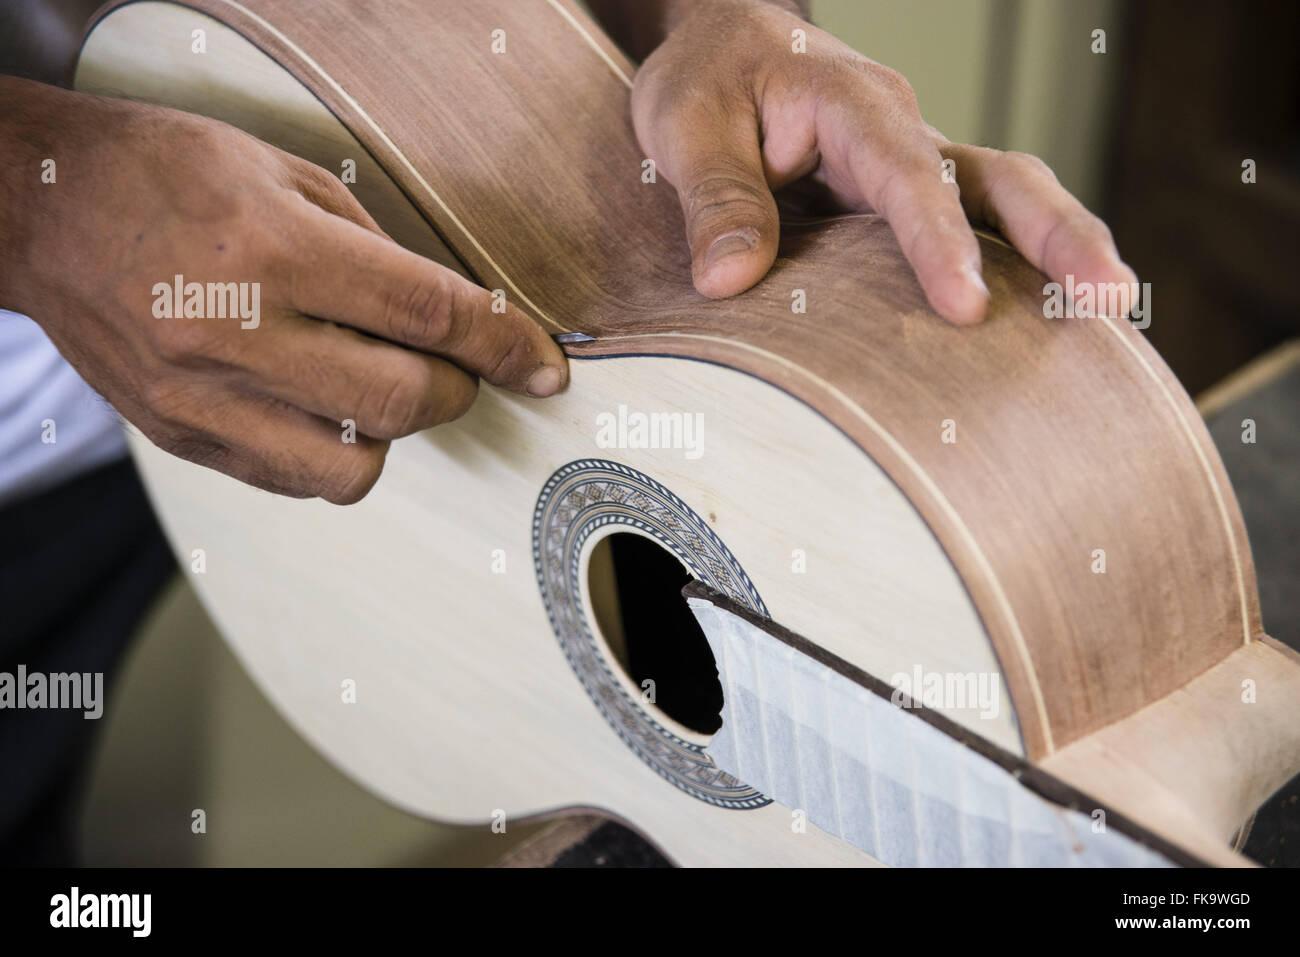 Liutaio dando la finitura di una stringa strumento Immagini Stock